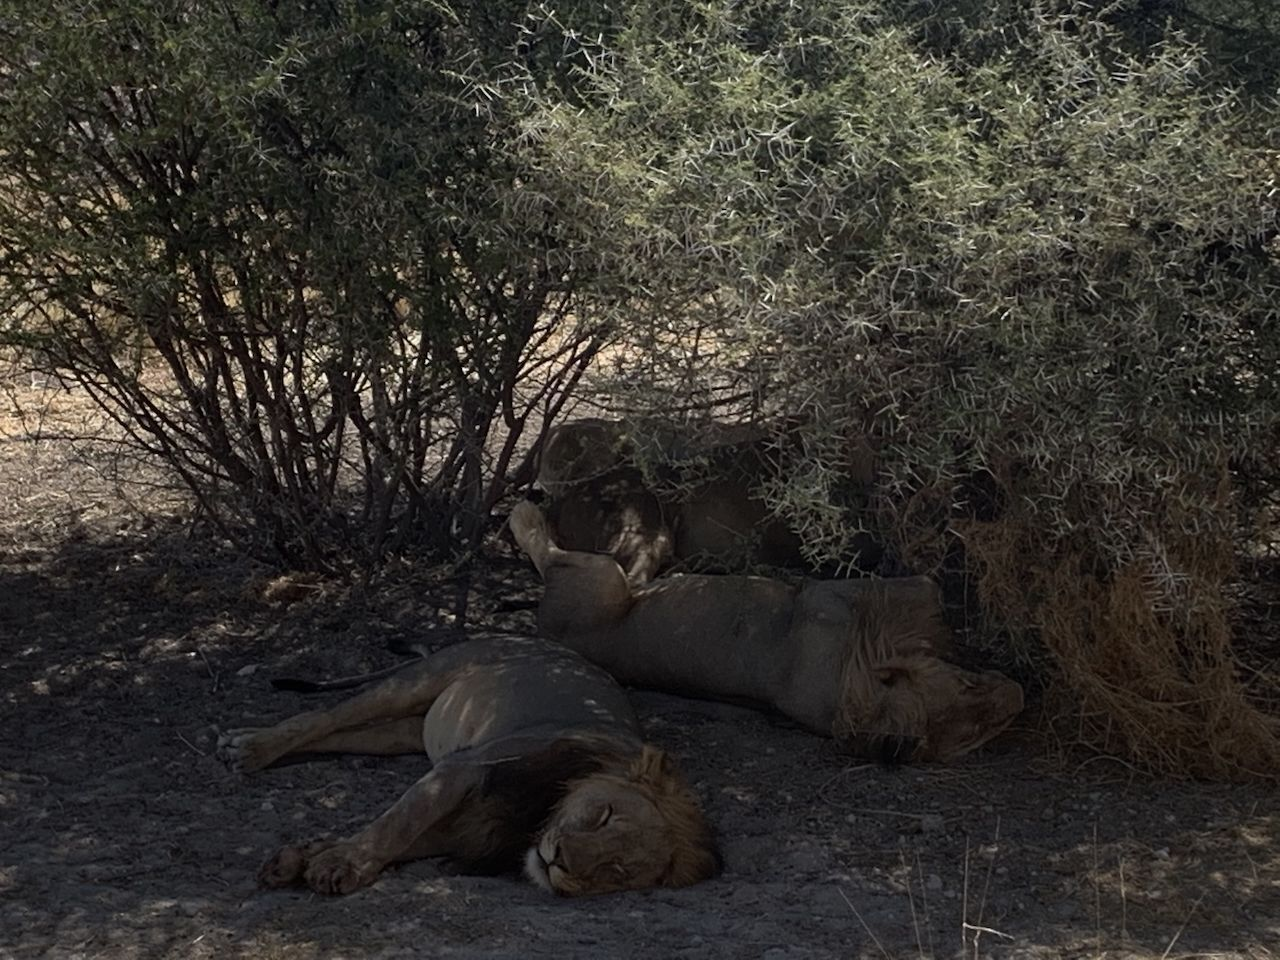 V Namíbii môžete ísť safari úplne sami bez sprievodcov. Ako sa dá do tejto africkej krajiny dostať?